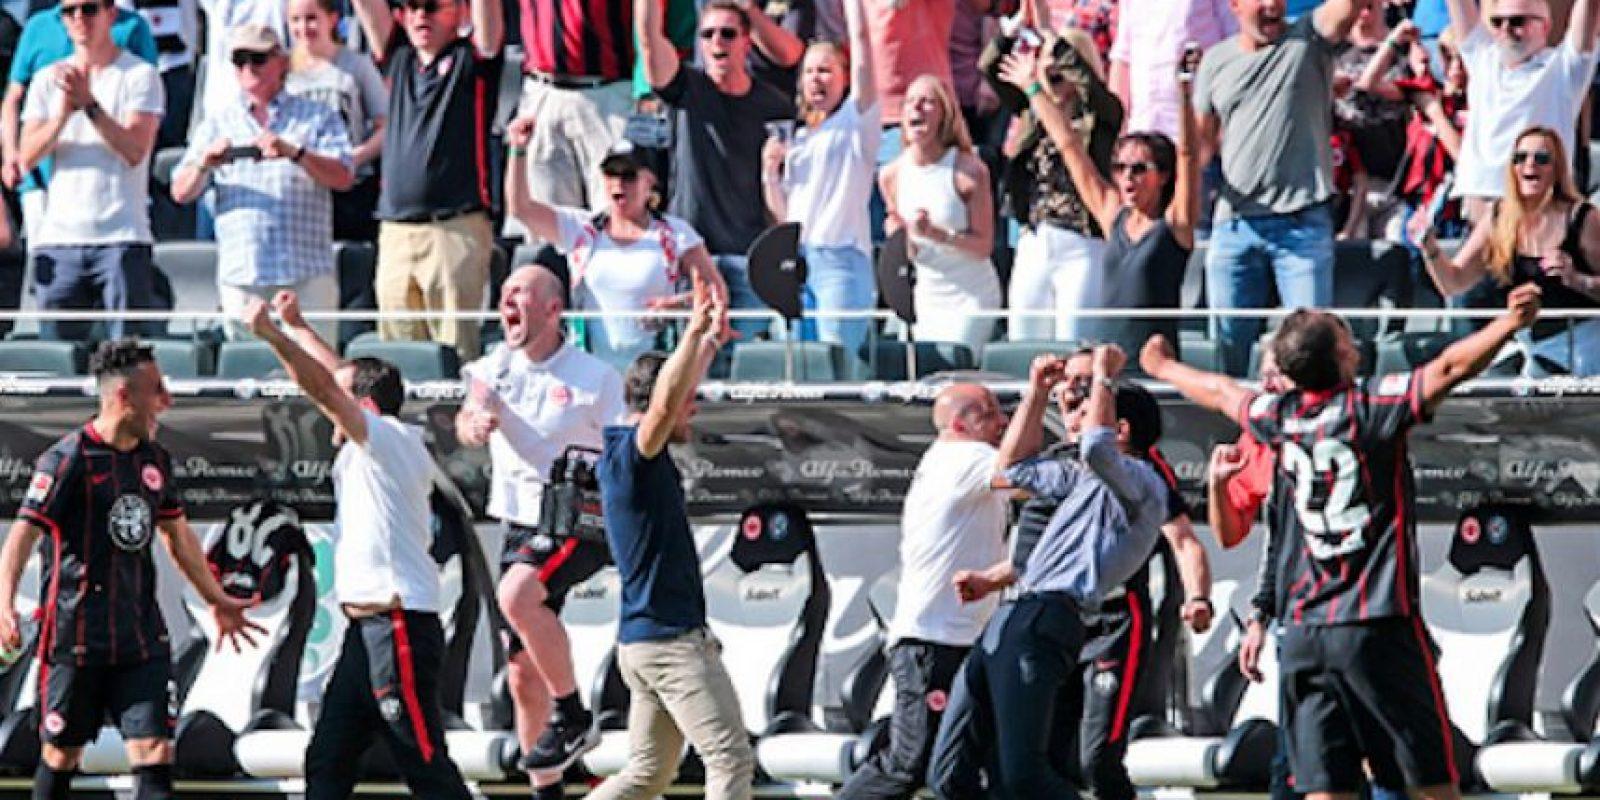 Toda la banca del Eintracht Frankfurt celebró el final del partido. Foto:Getty Images